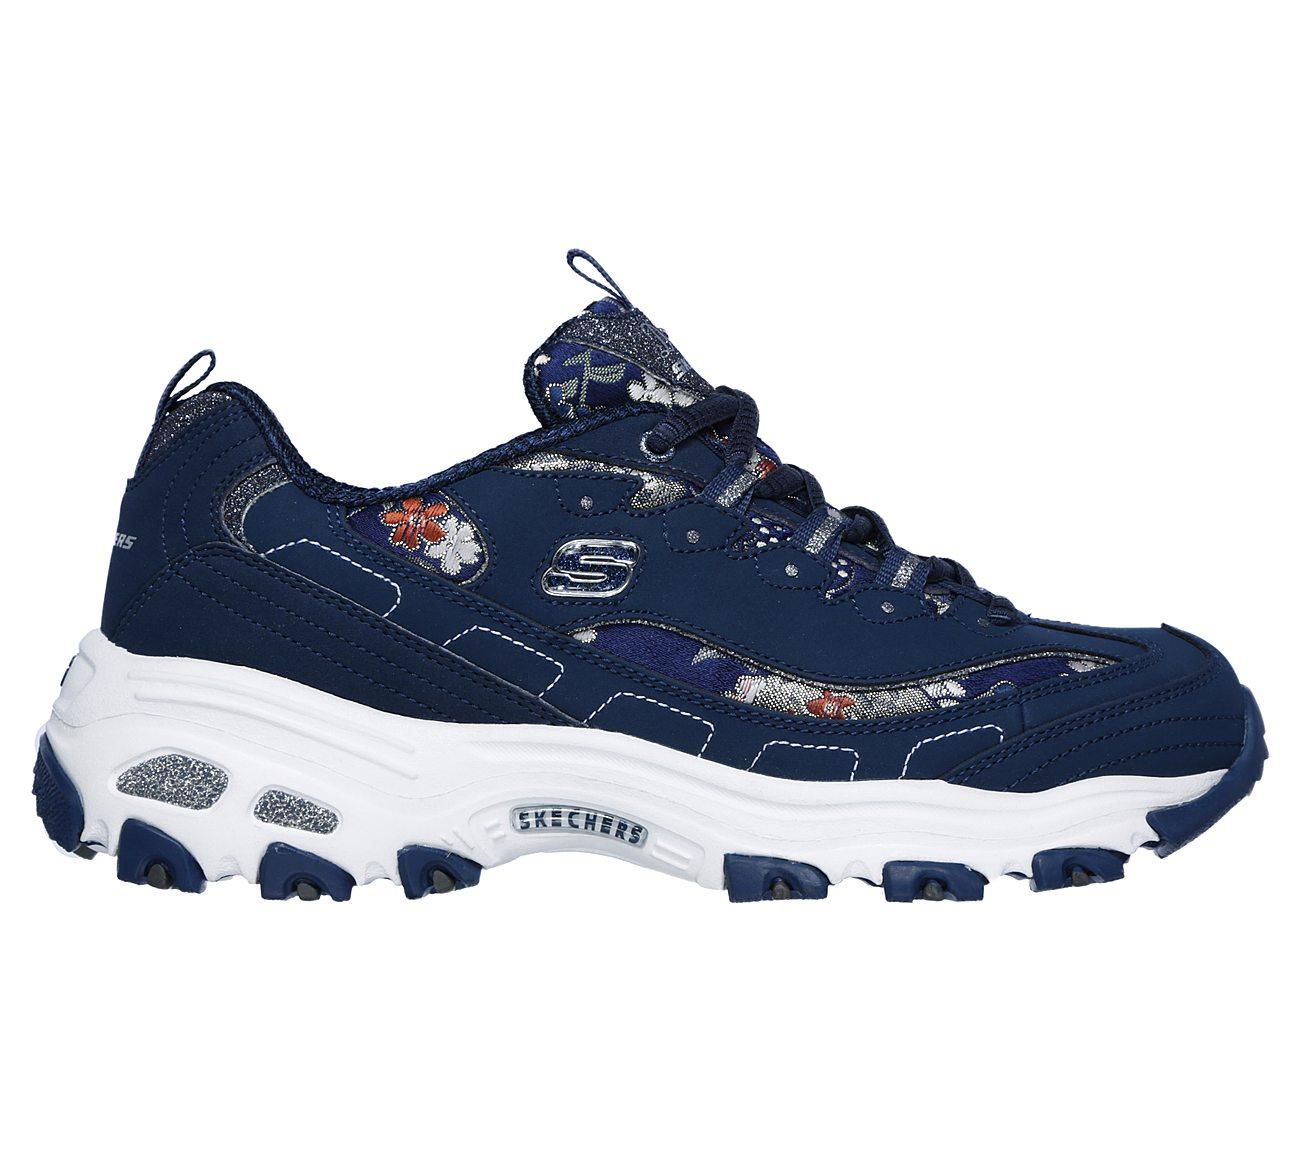 Altoparlante Planta de semillero Malversar  Buy SKECHERS D'Lites - Floral Days Skechers D'Lites Shoes